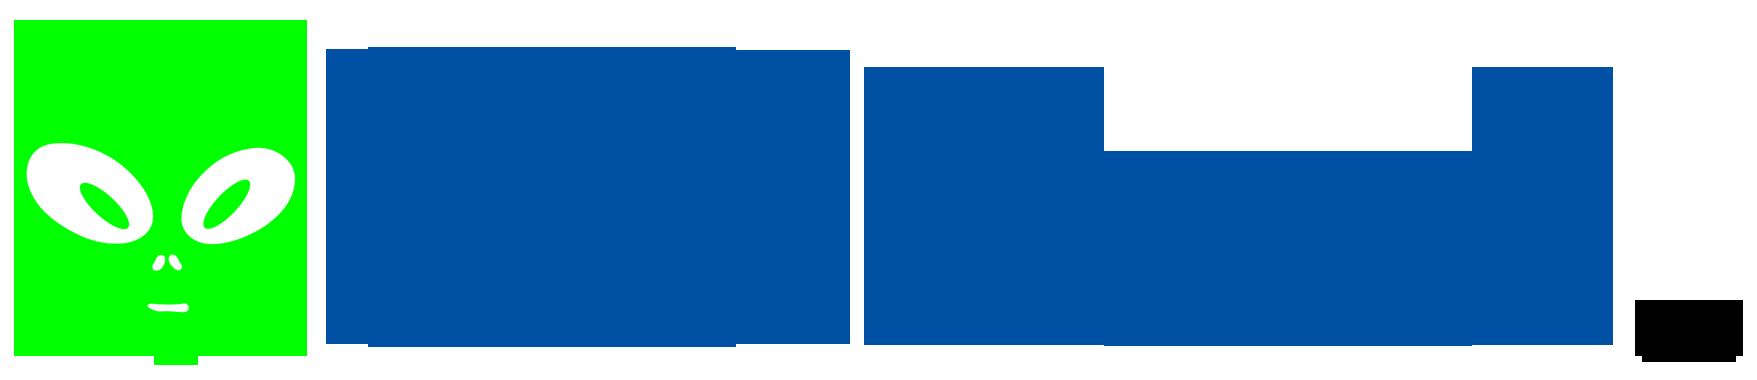 RBIcloud